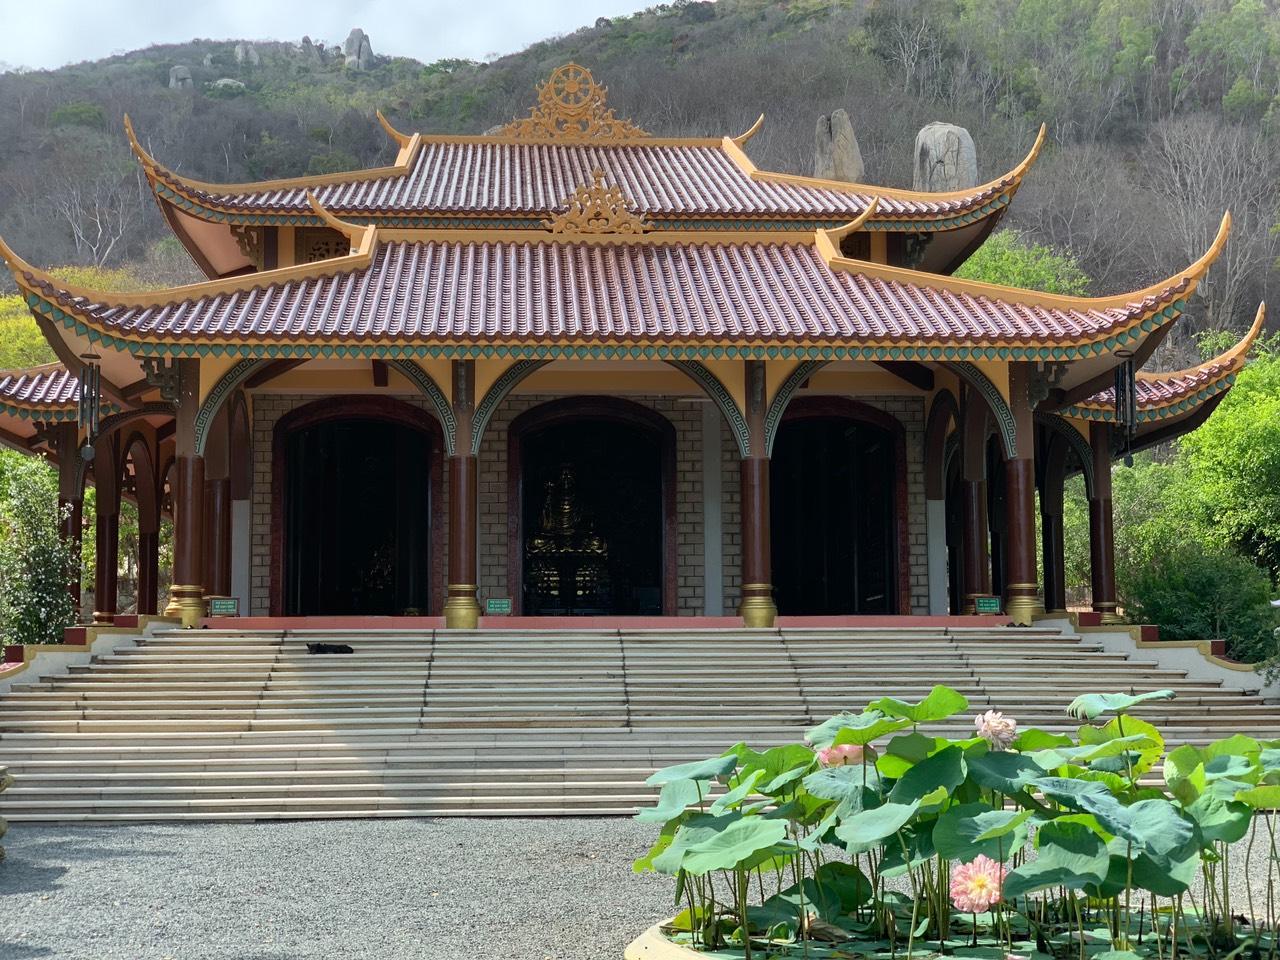 Thiền Viện Trúc Lâm Chân Nguyên điểm du lịch tâm linh khi thuê xe 16 chỗ đi Long Hải